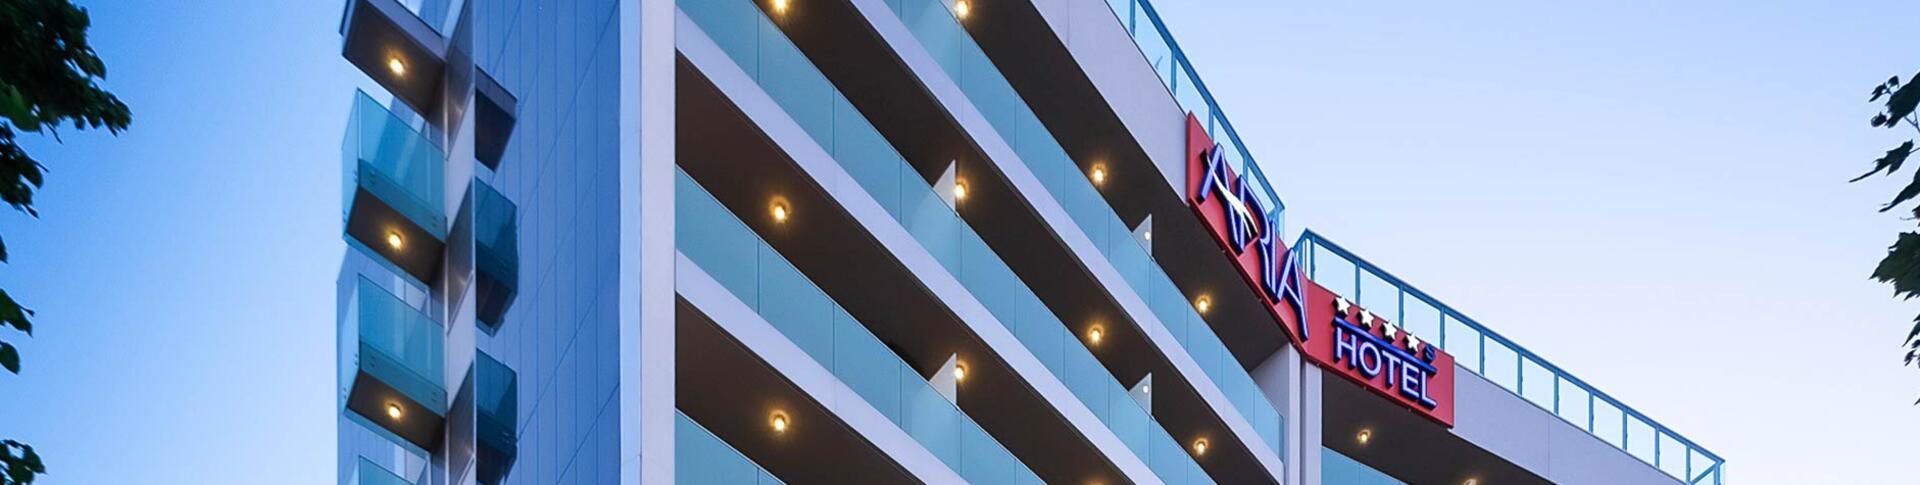 ariahotel it prima-settimana-di-agosto-in-hotel-4-stelle-superiore-a-rimini 013